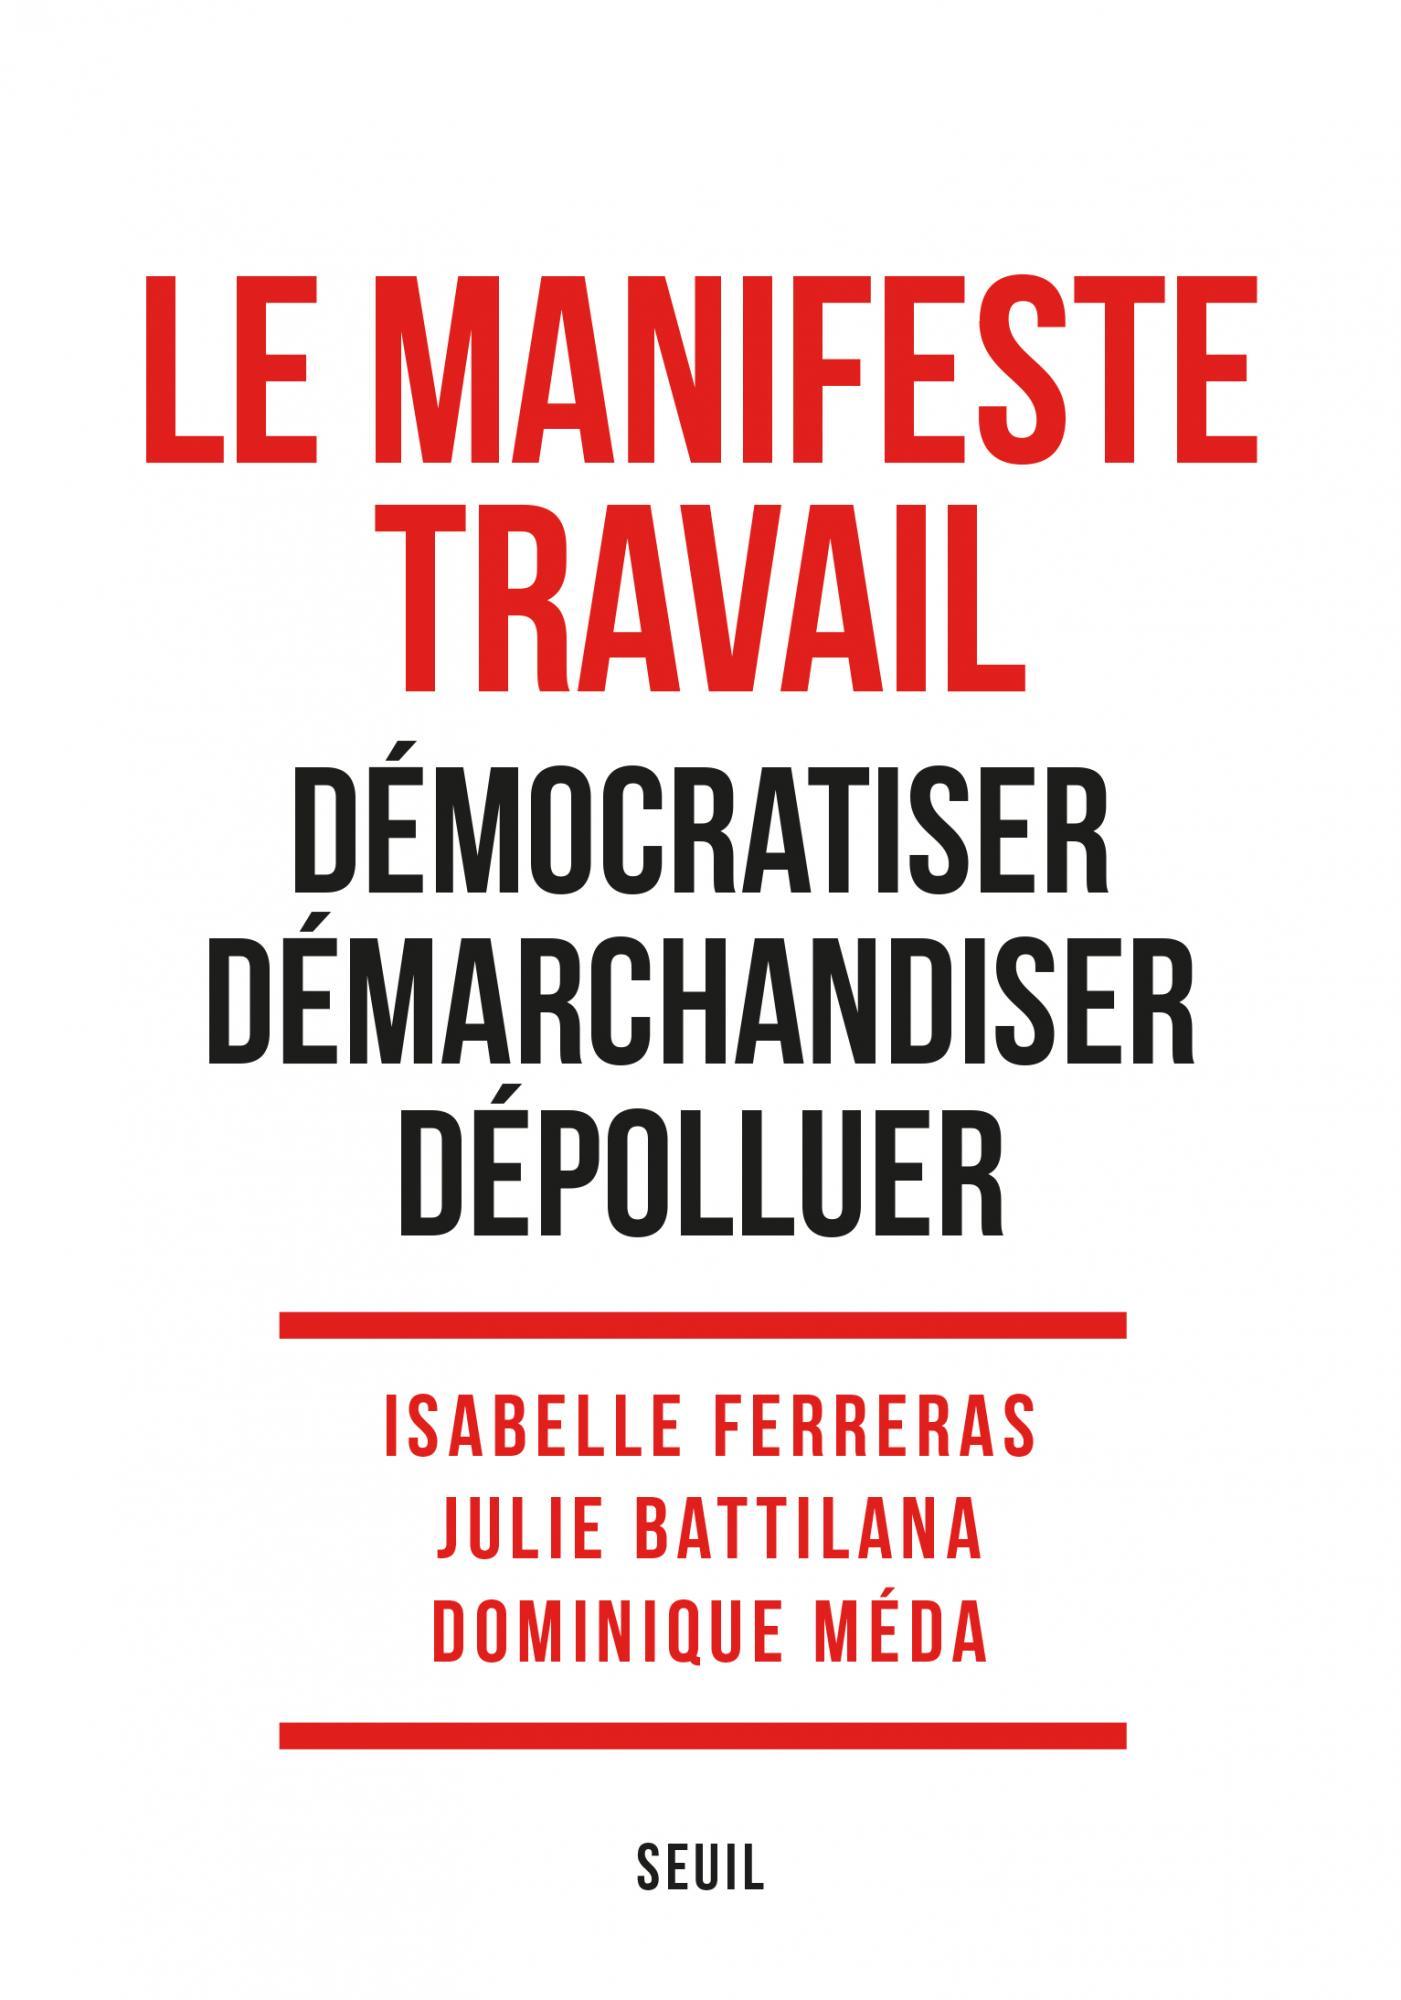 Le Manifeste Travail (2020, Éditions du Seuil)